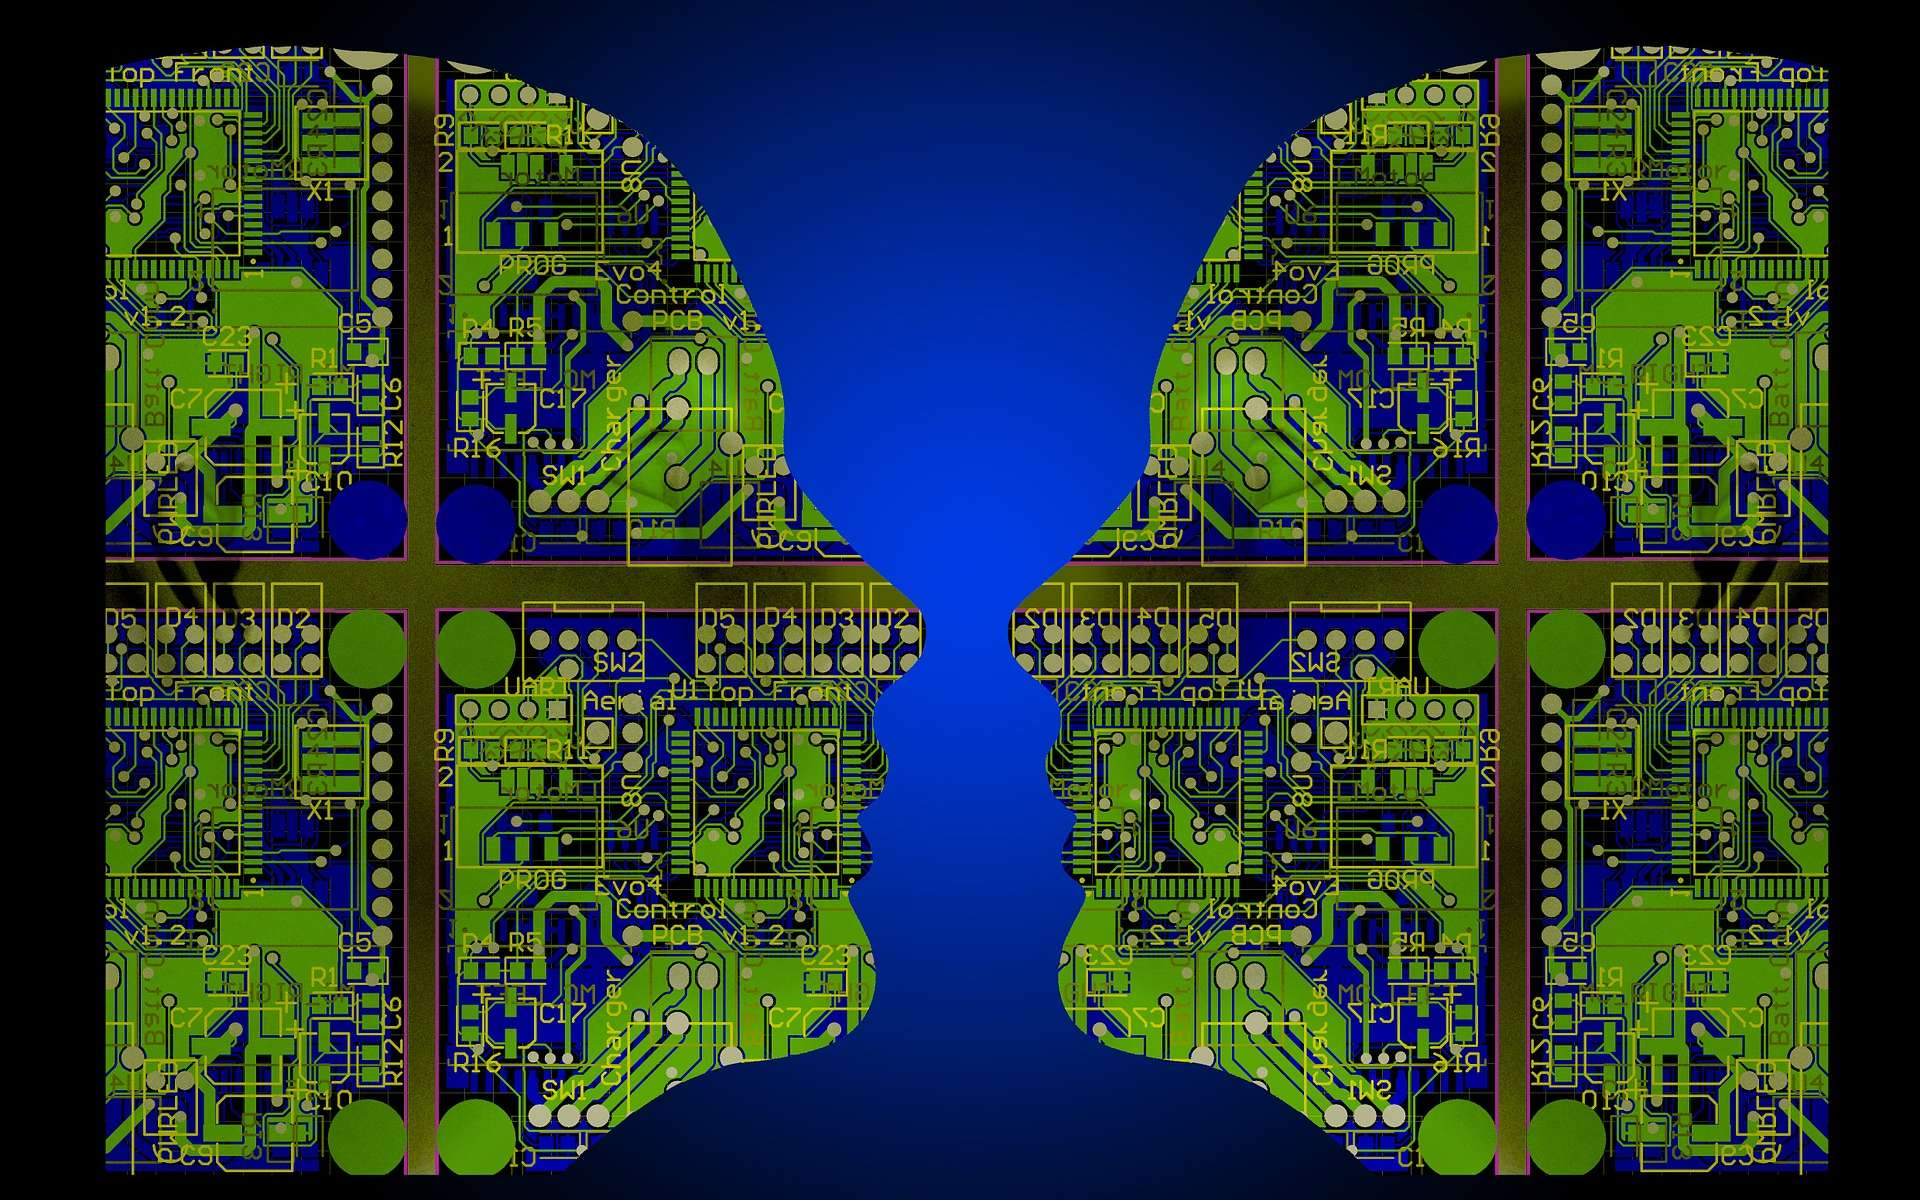 En publiant le code de son API d'intelligence artificielle, Google espère sans doute bénéficier des travaux de la communauté open source. © Geralt, CC0 DP, Pixabay